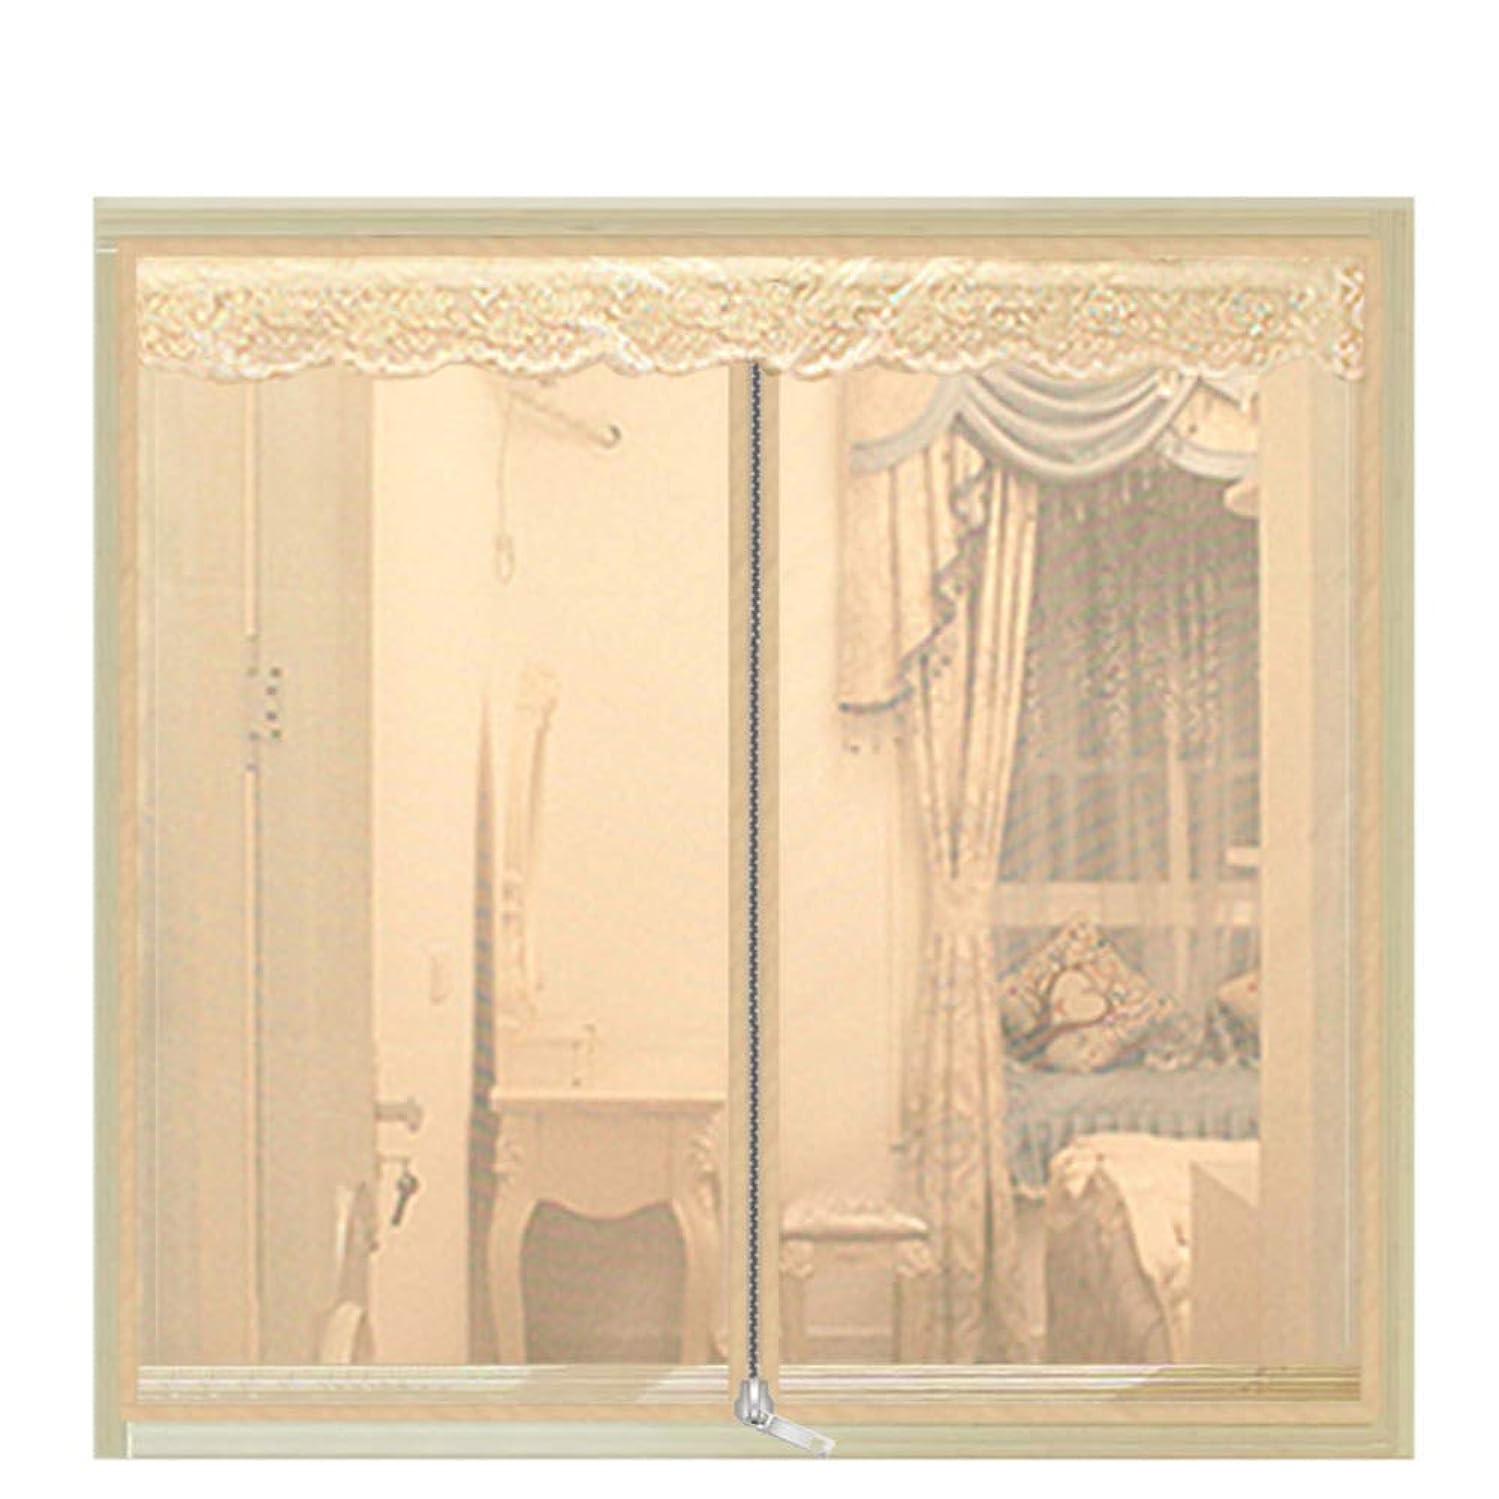 統計的水分発揮する防蚊 メッシュ カーテン, 網戸 マグネット式 自動接着 マジックテープ付き ホーム 無料パンチ 自動的に閉じる-c W:180cmxh:200cm